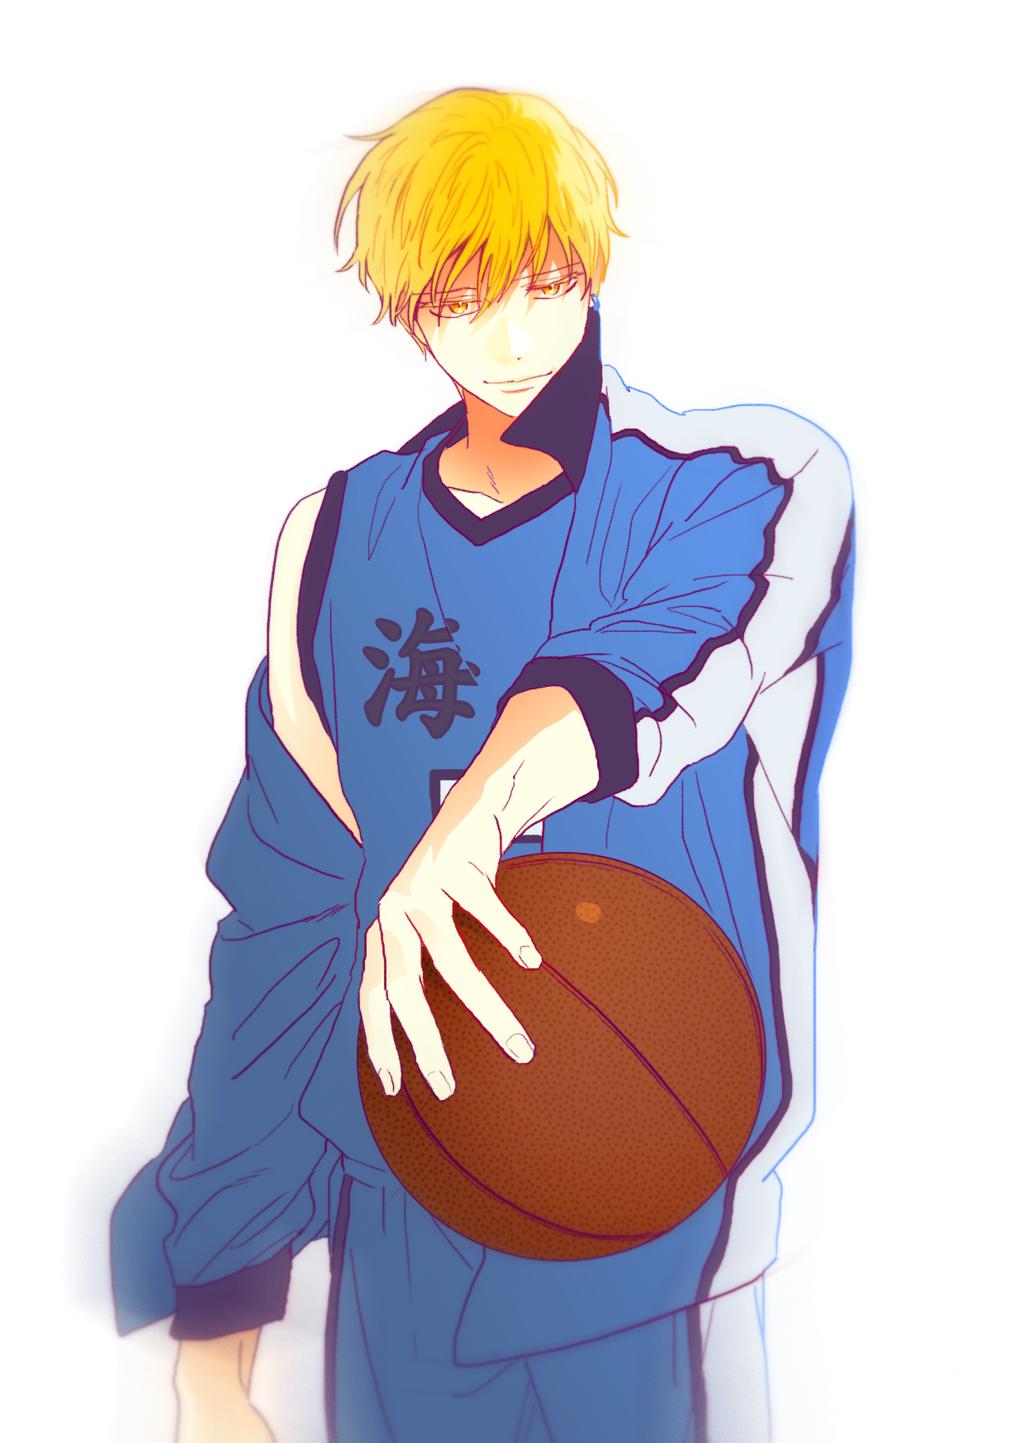 반무 banmu on Kuroko no basket, Kise ryouta, Kuroko's